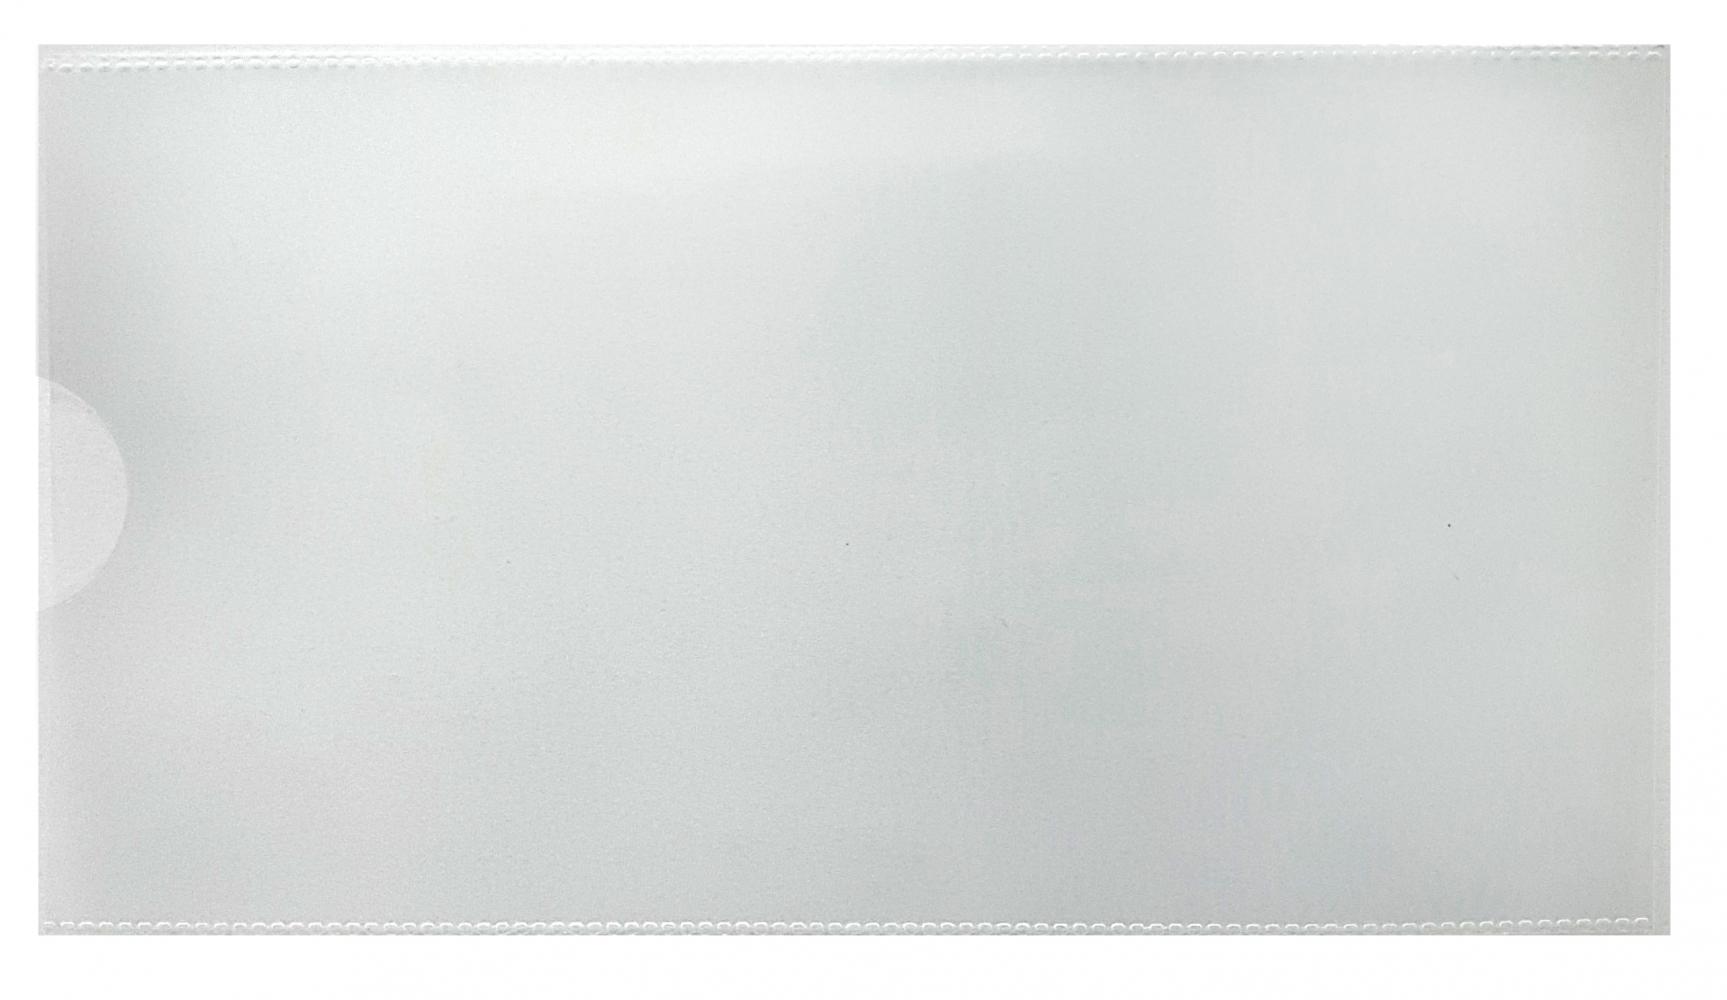 Арт. N31308 Евроконверт горизонтальный